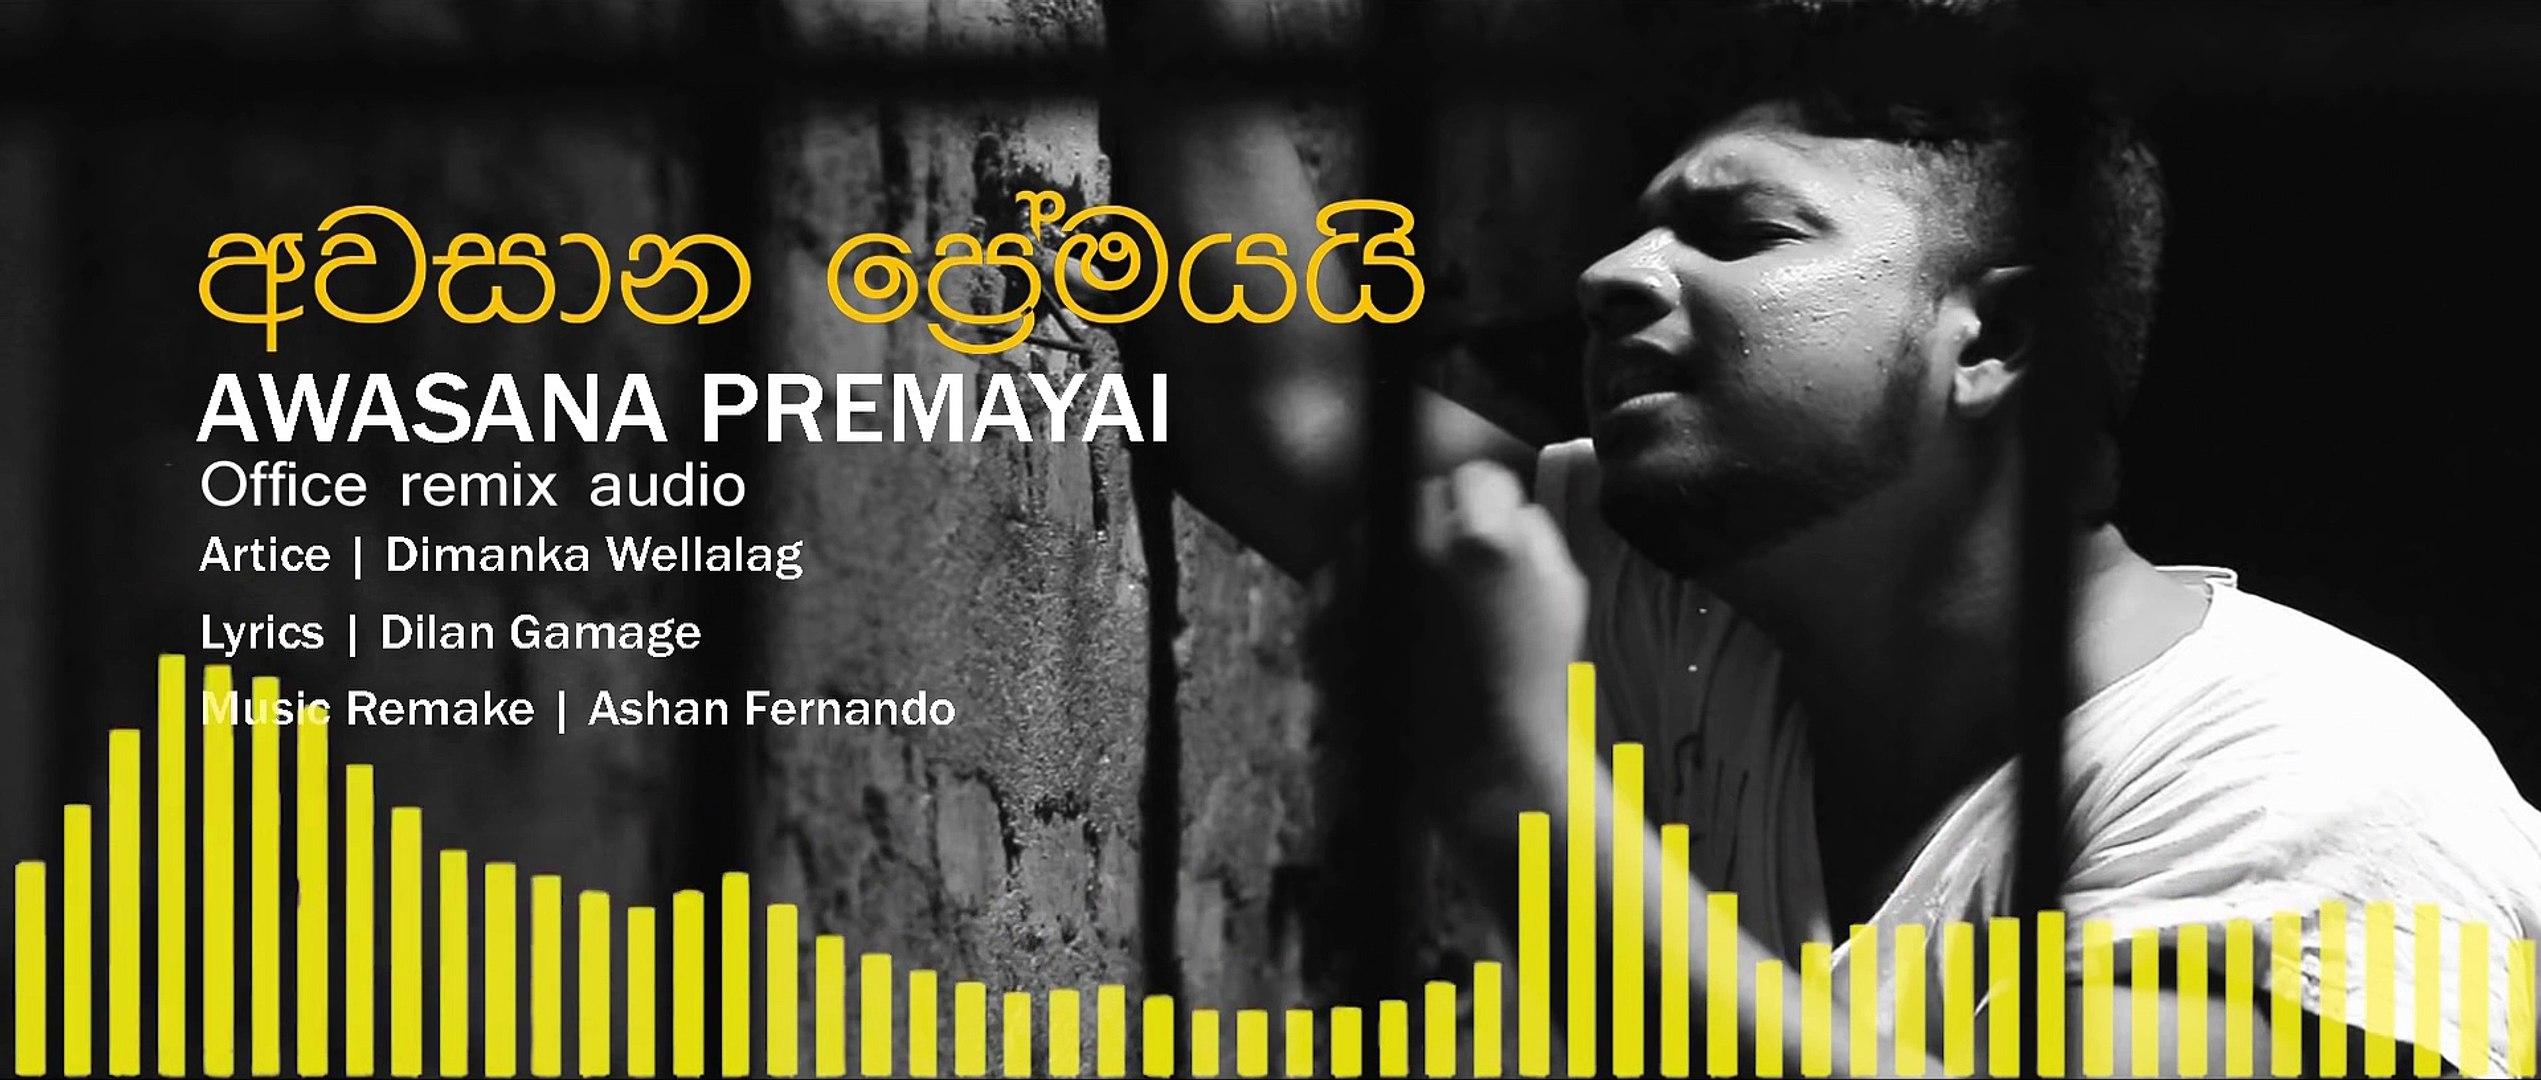 Awasana Premaya Remake - Dimanka Wallalage Official Audio 2019